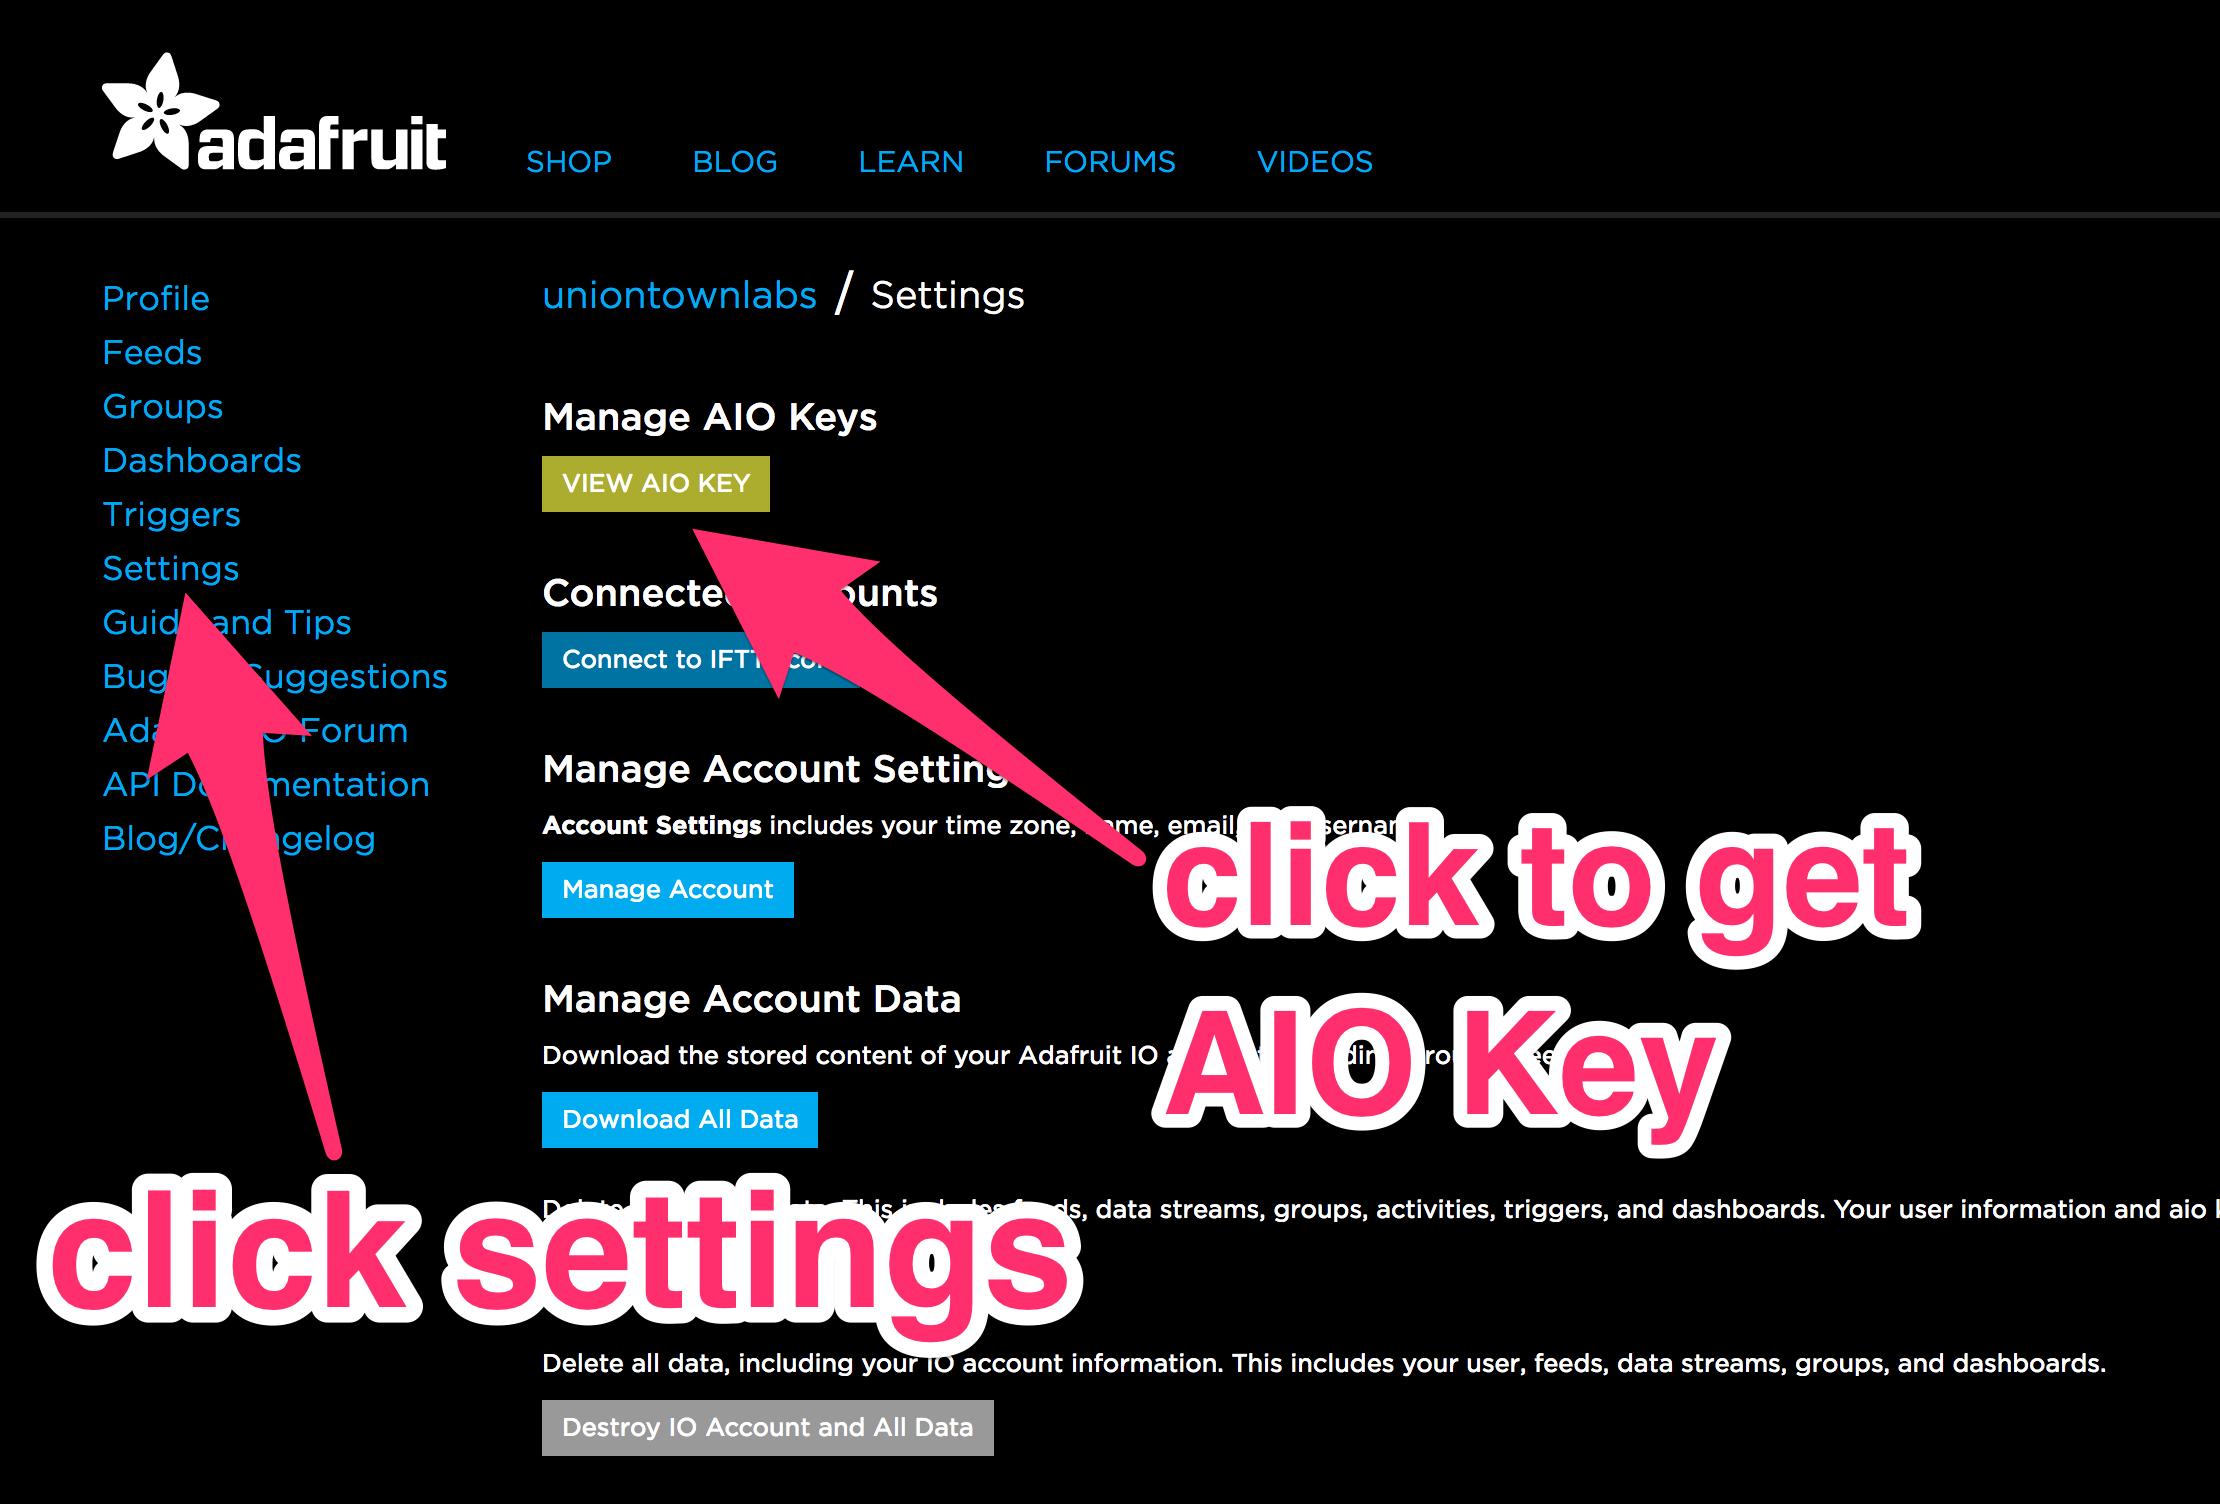 adafruit_io_00_keyclick.png